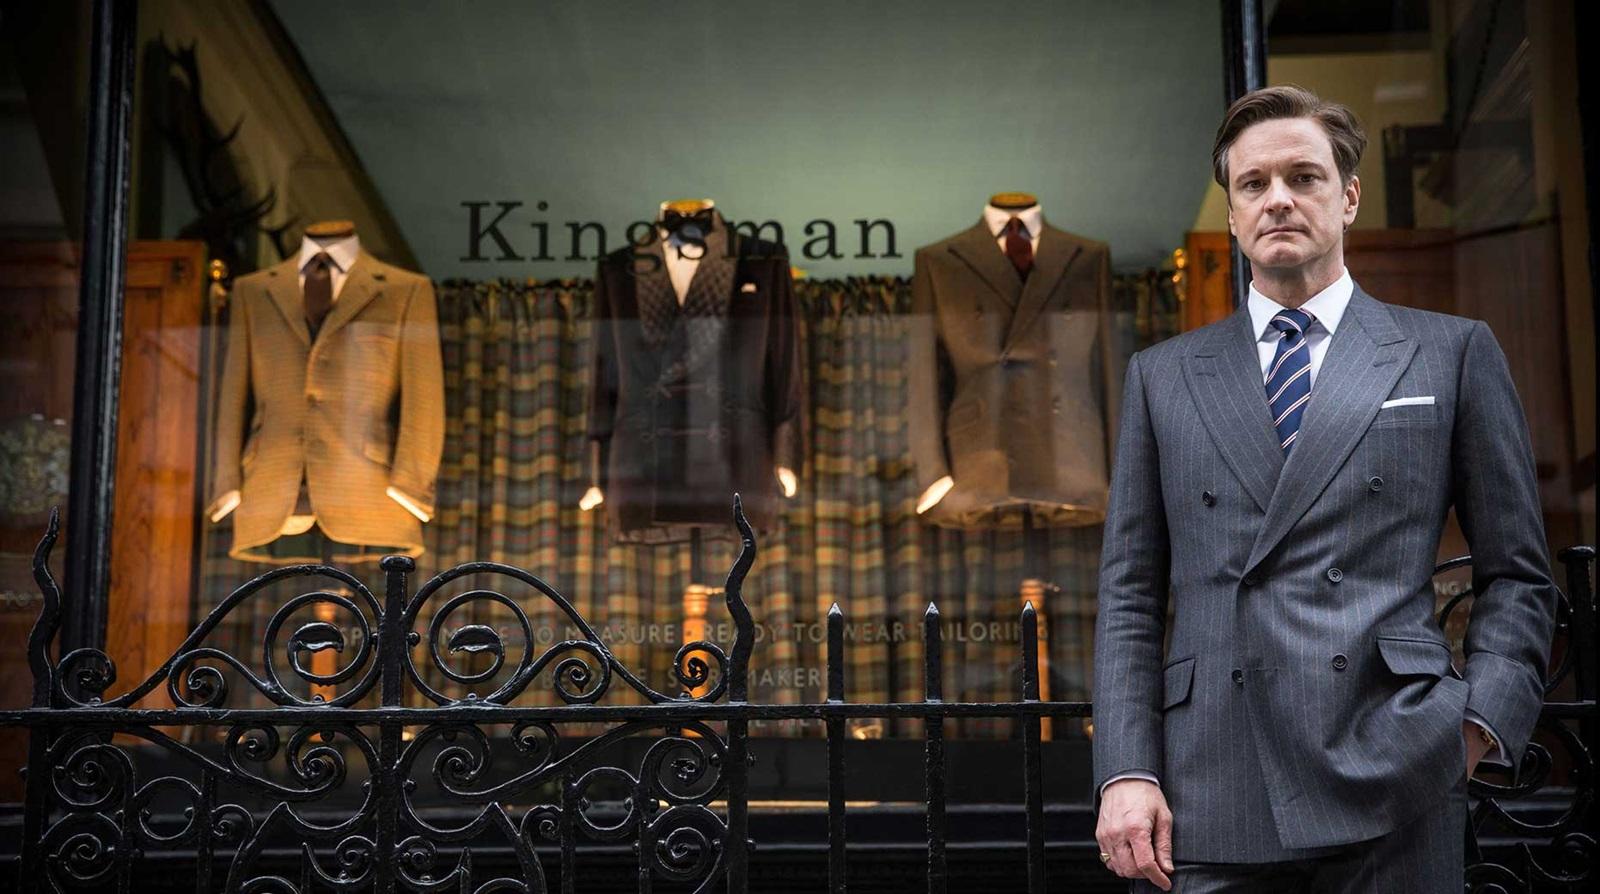 CS_Kingsmen_1862